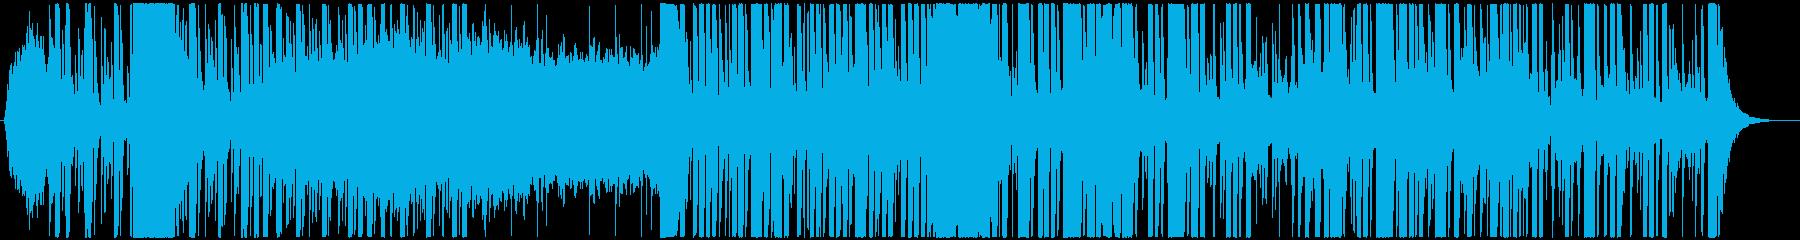 ヒップホップのインストゥルメンタル...の再生済みの波形